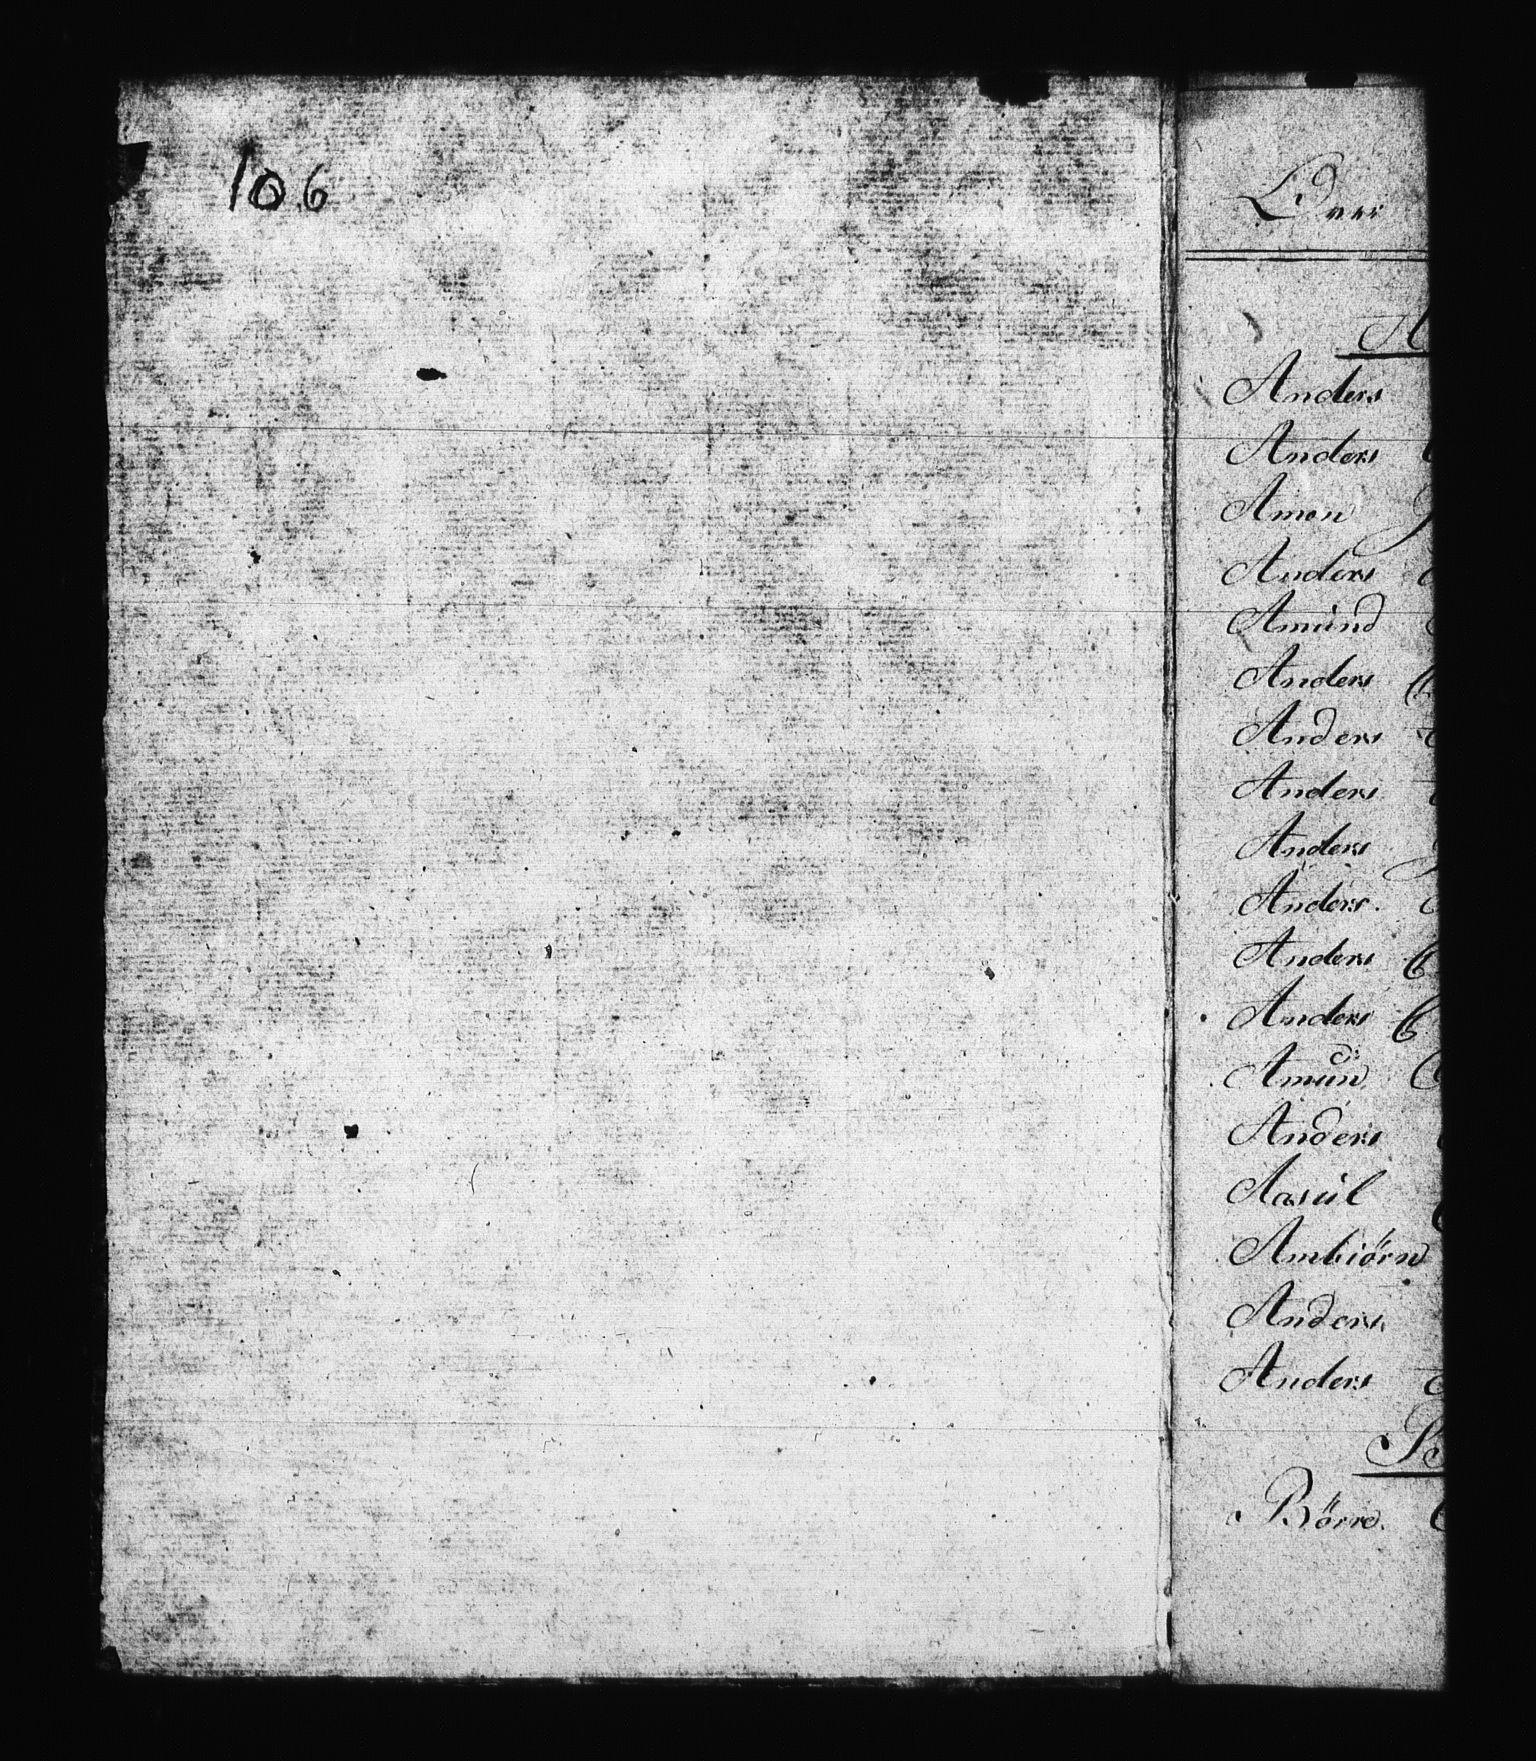 RA, Sjøetaten, F/L0107: Kristiansand limitter, bind 1, 1812